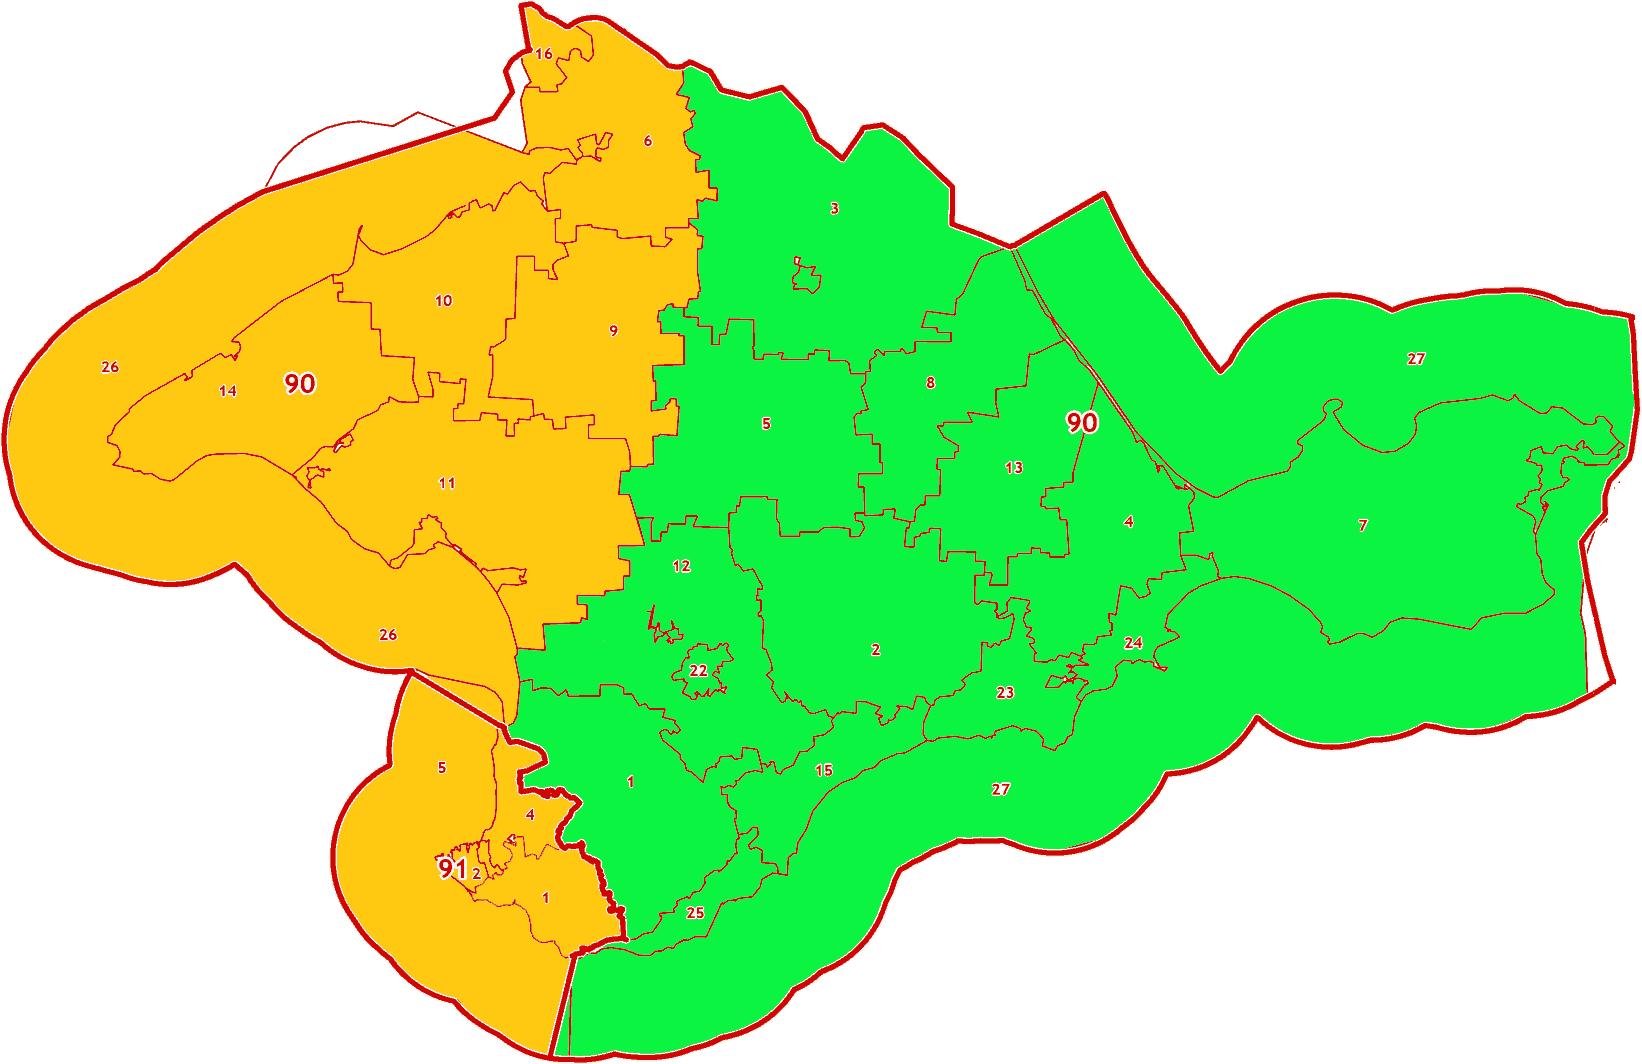 Зоны МСК-90,91 на территорию Республики Крым и города Севастополь